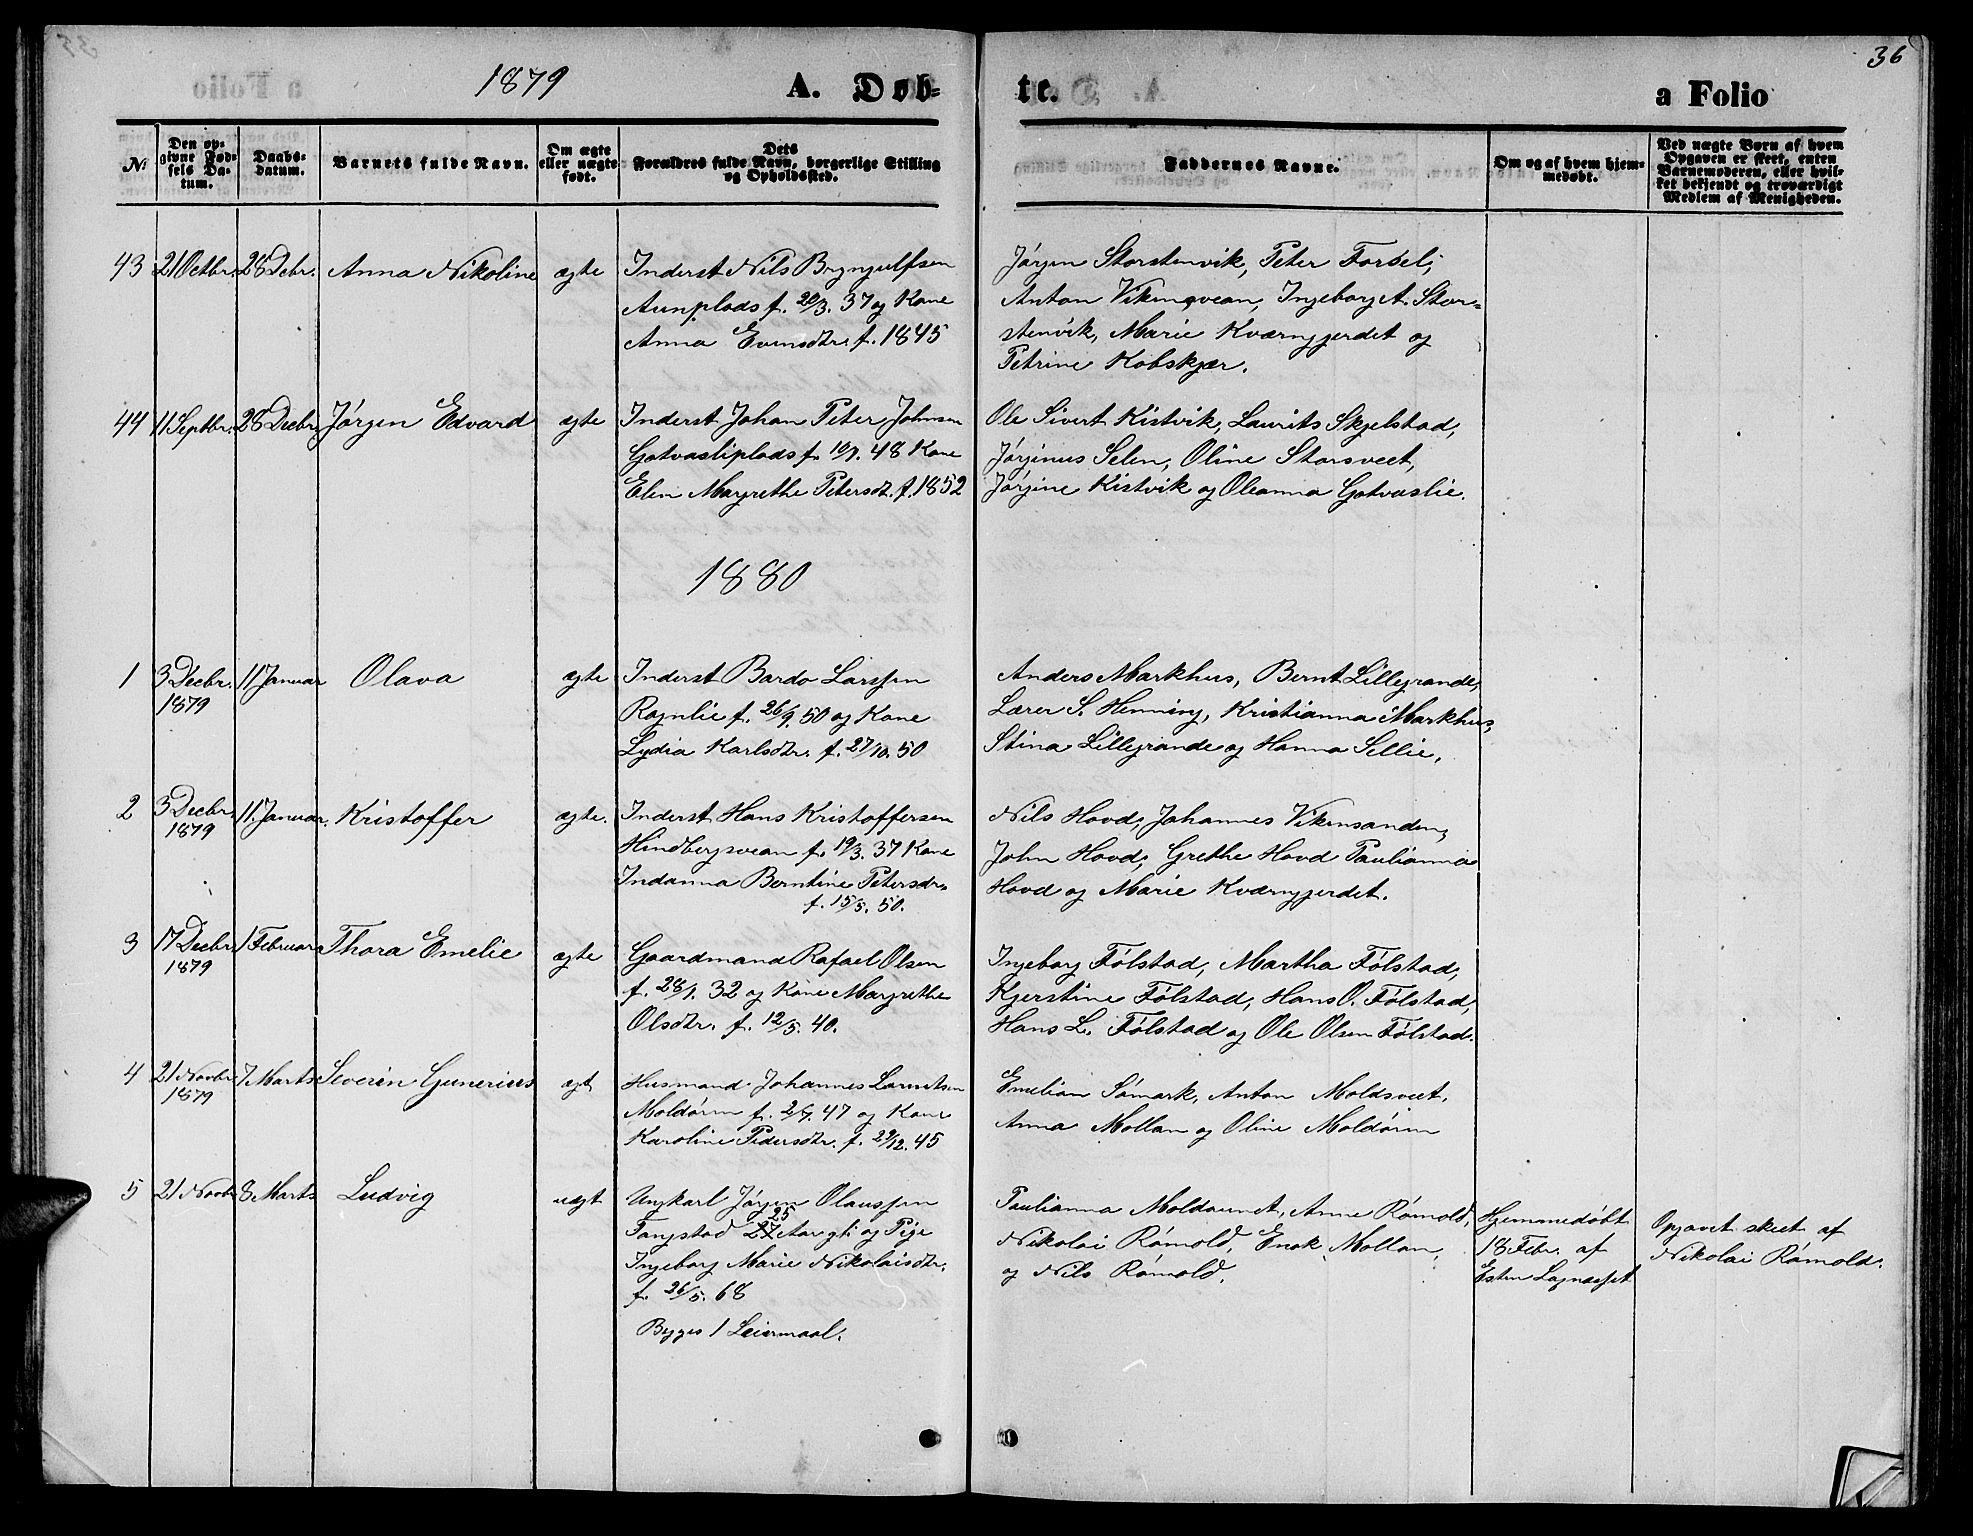 SAT, Ministerialprotokoller, klokkerbøker og fødselsregistre - Nord-Trøndelag, 744/L0422: Klokkerbok nr. 744C01, 1871-1885, s. 36